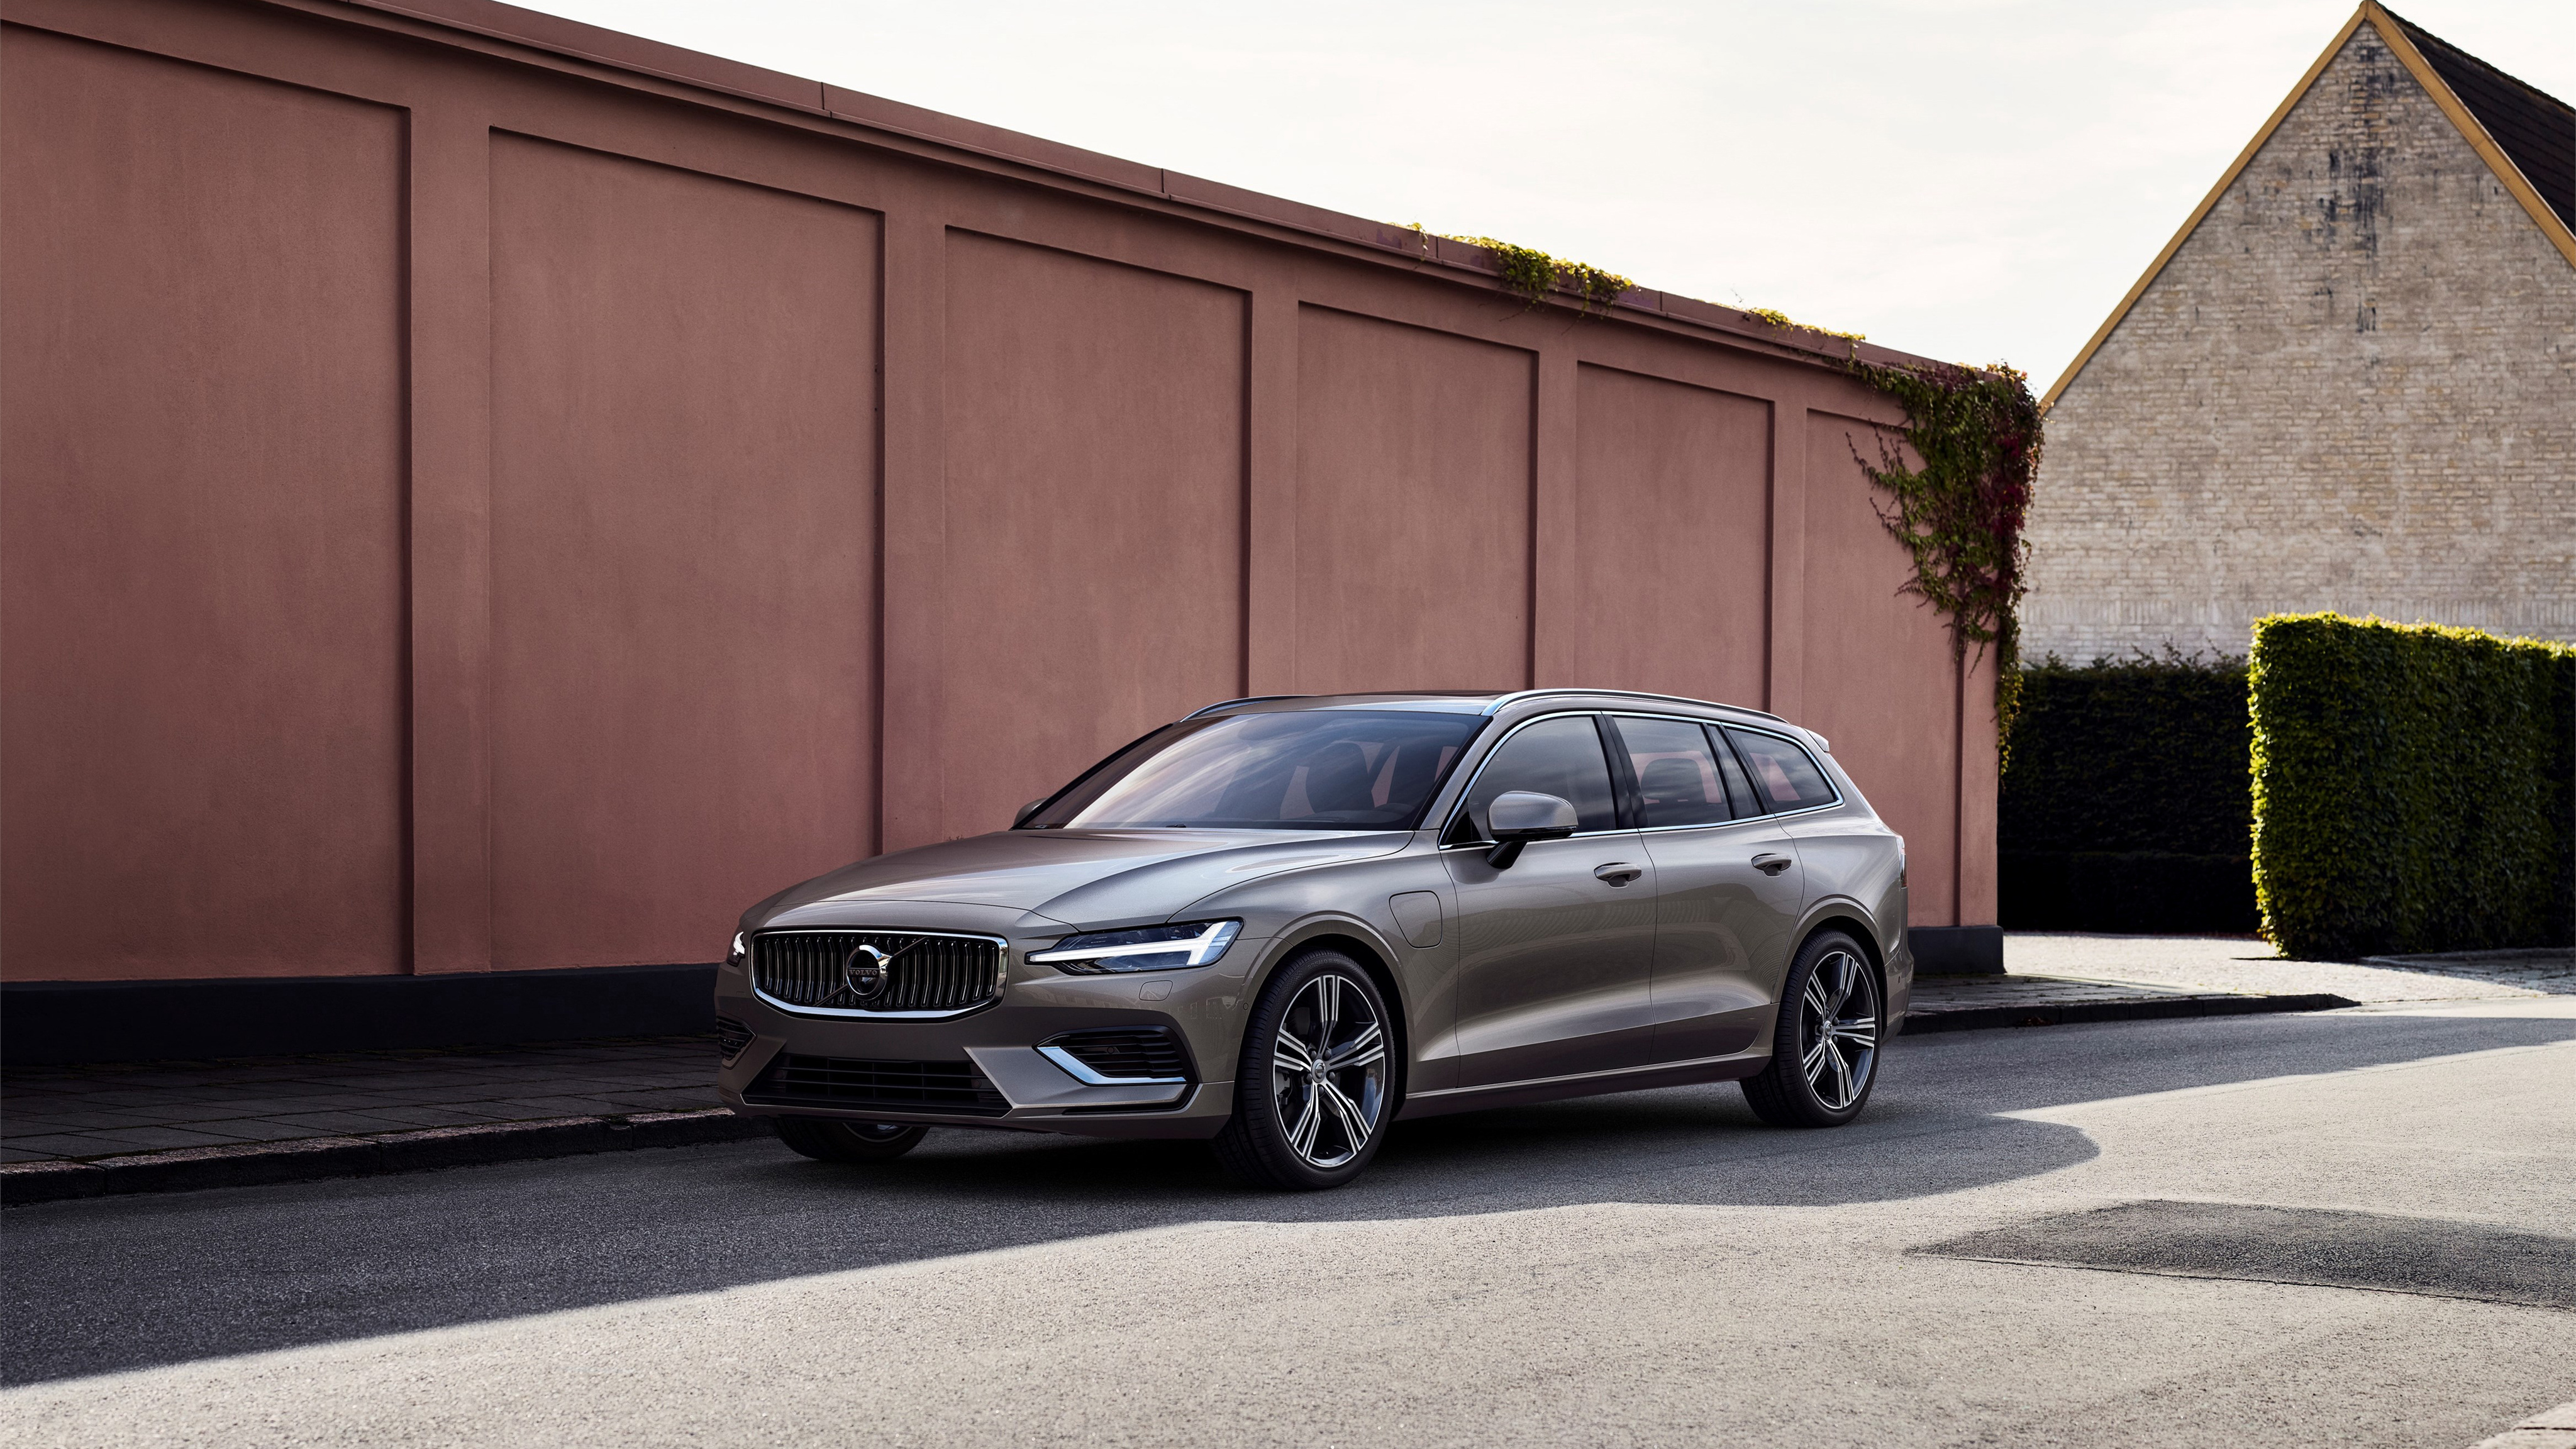 2018 Volvo V60 T8 Inscription 4K Wallpaper HD Car Wallpapers 4096x2304